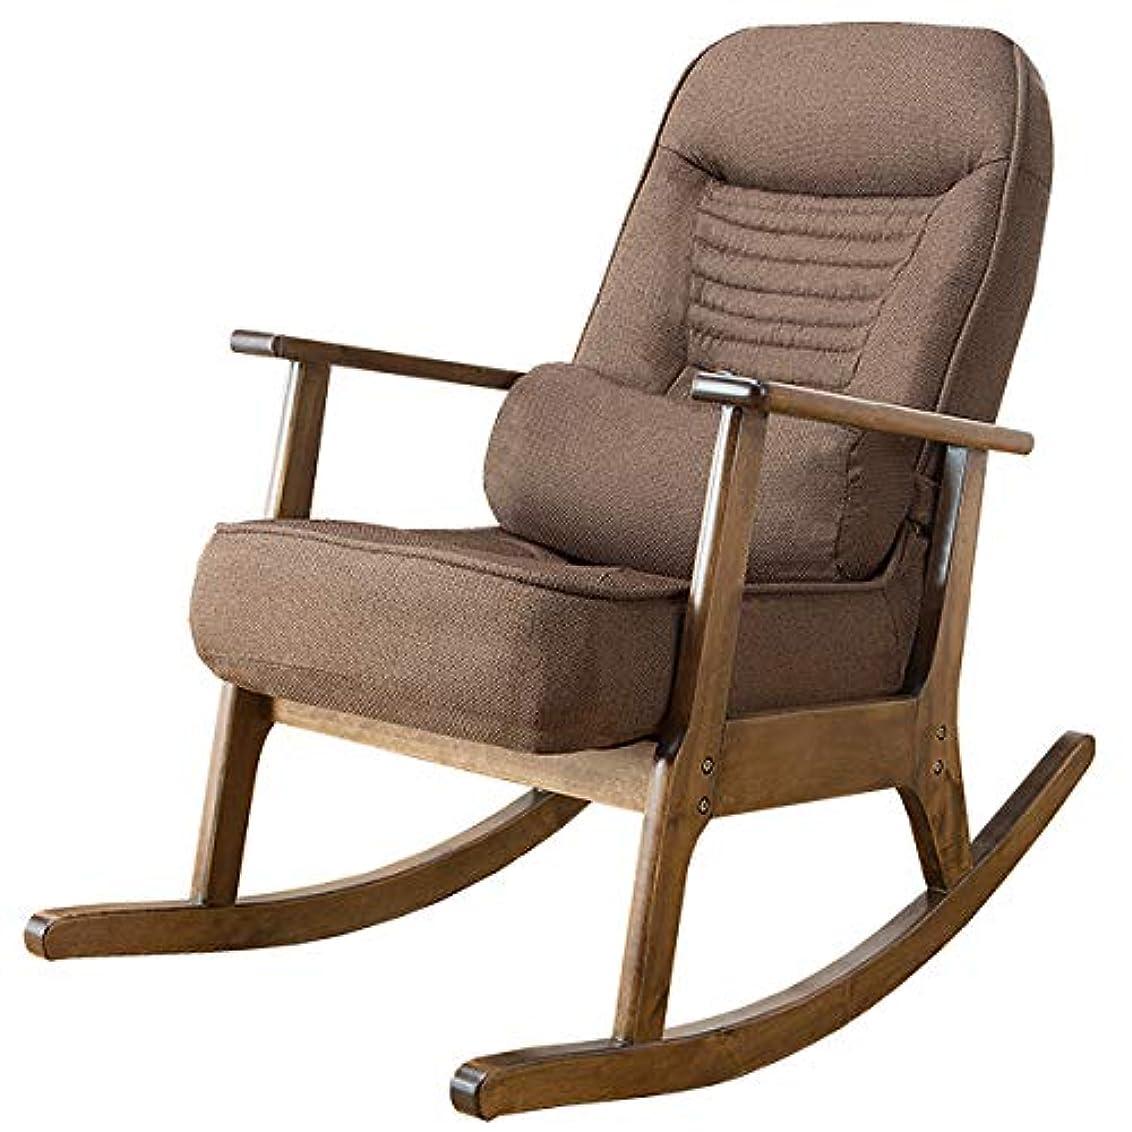 罹患率変換する値ロッキングチェア 背もたれ 5段階リクライニング 枕付き 木製 リクライニングチェア ロー ソファ 疲れにくい ダークブラウン